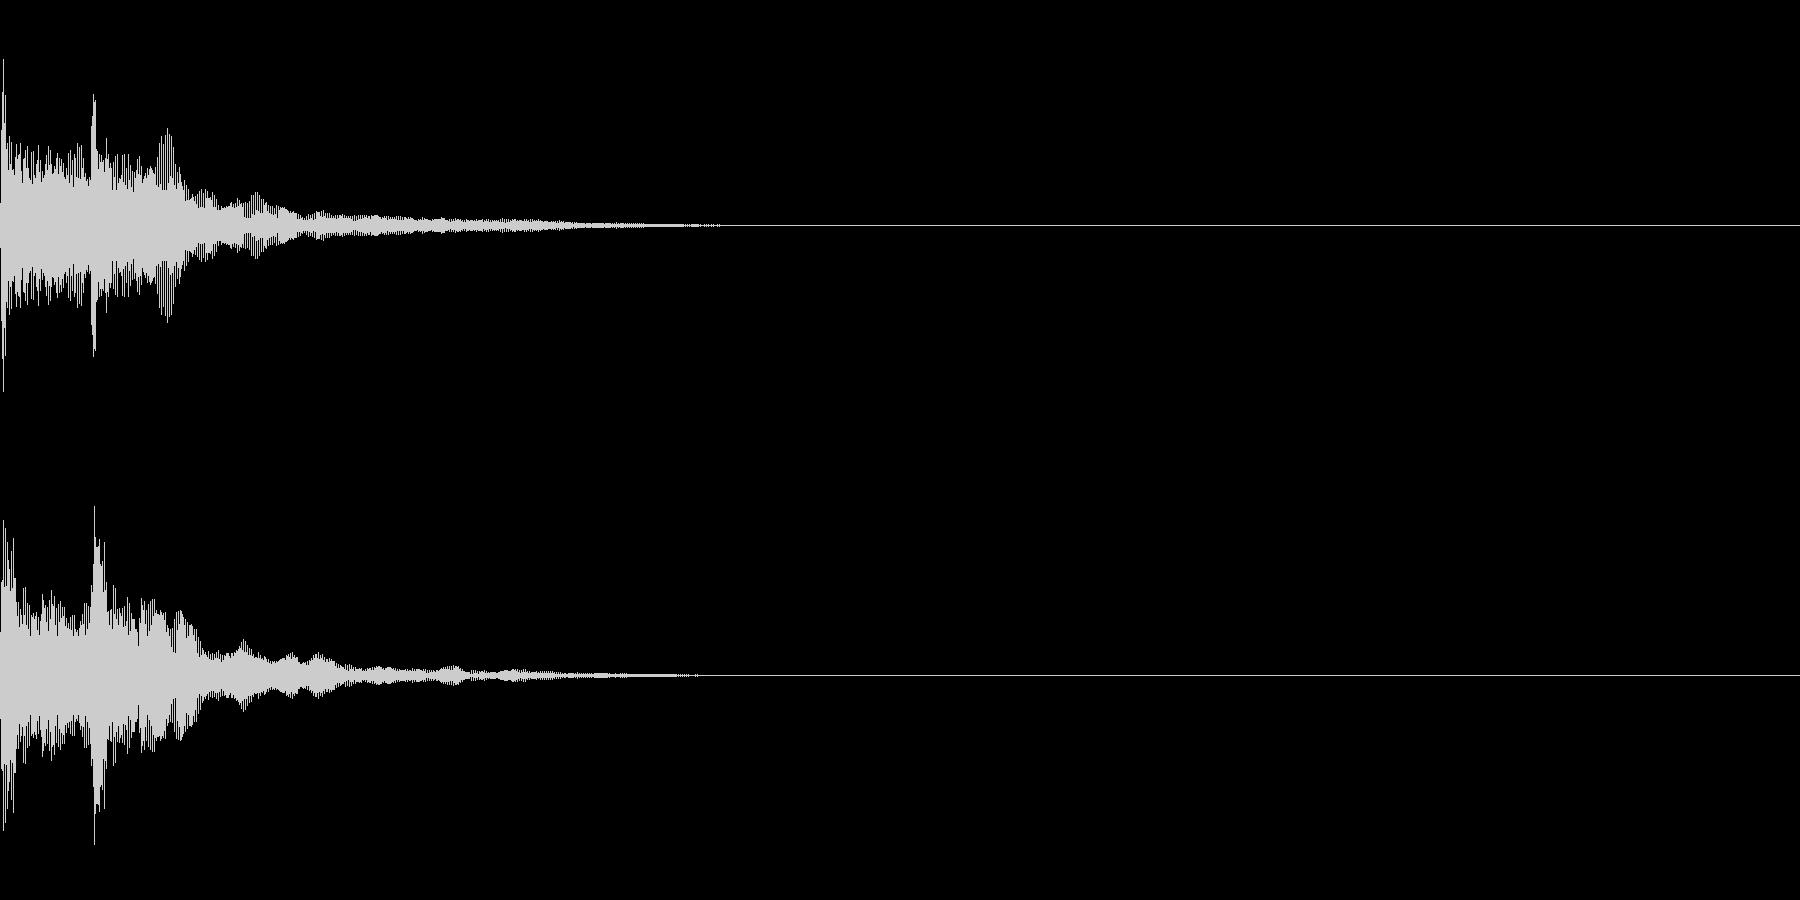 三味線/和風/システム音/B-5の未再生の波形